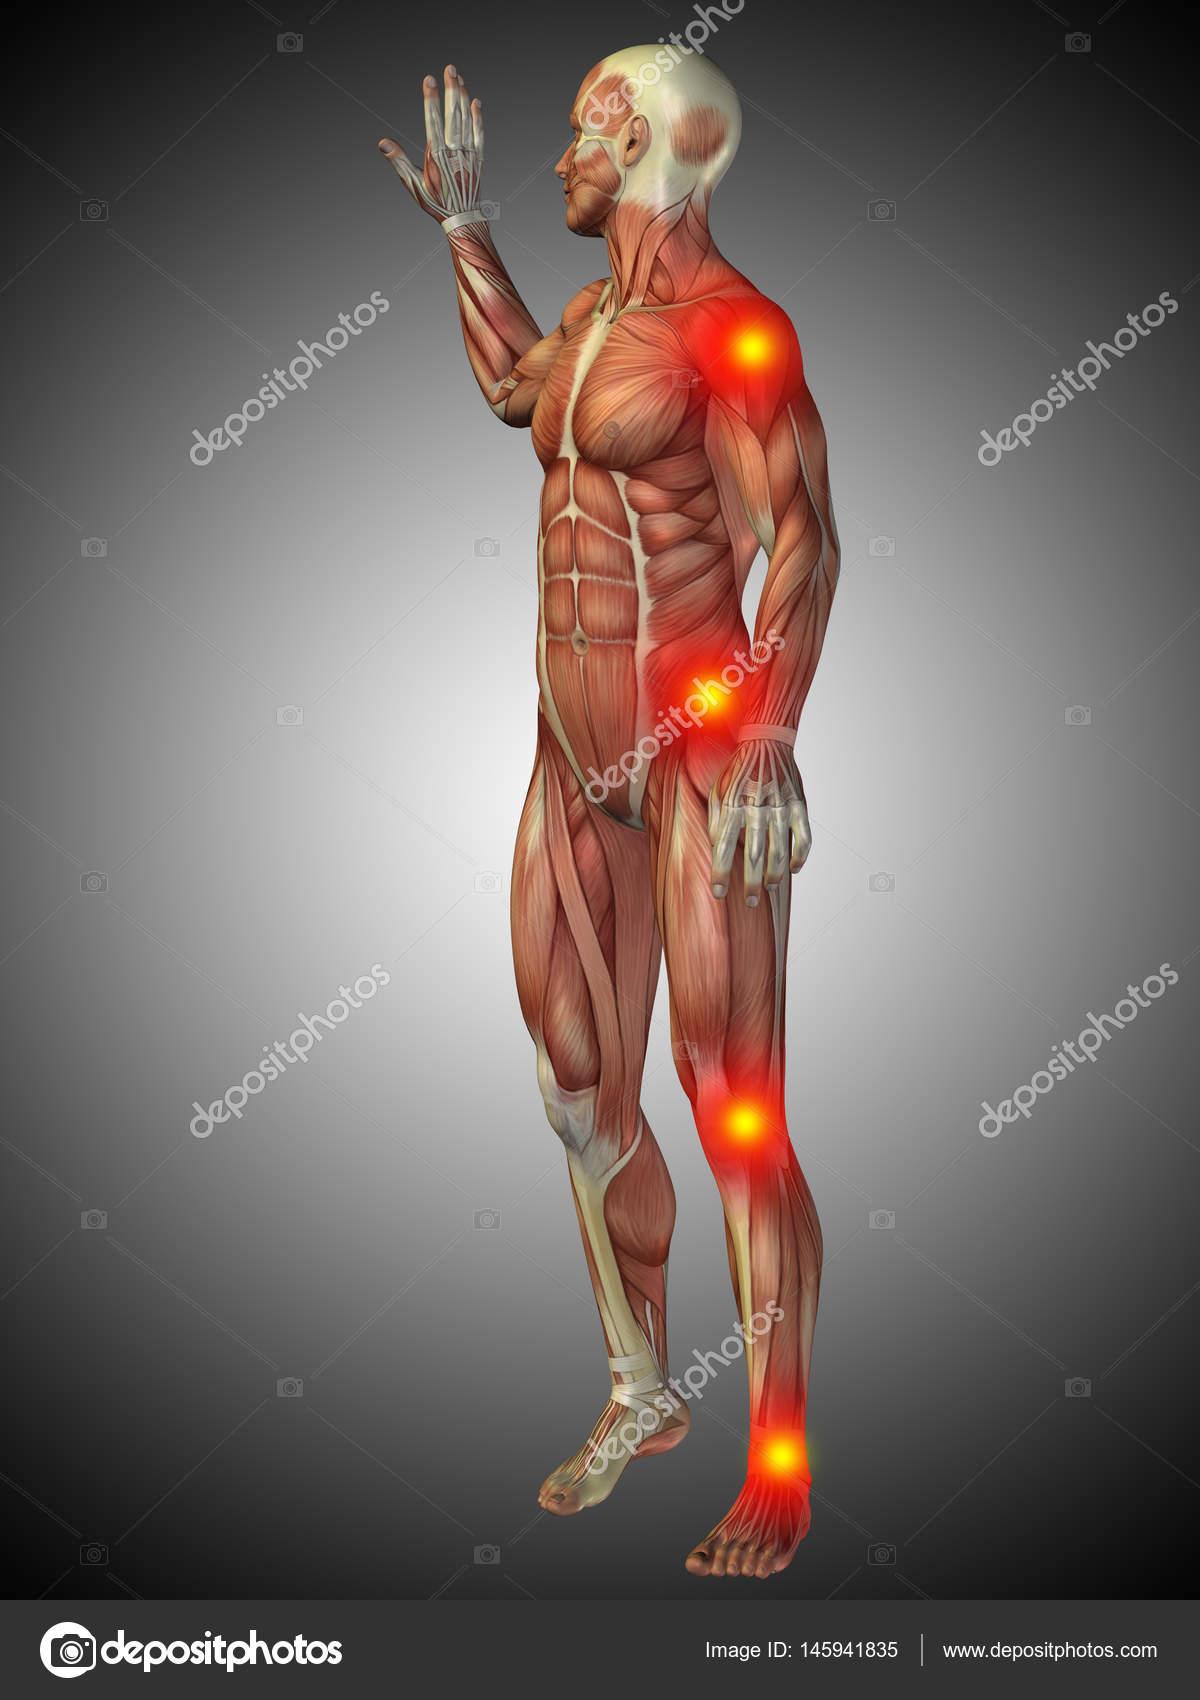 menschliche Anatomie Modell — Stockfoto © design36 #145941835